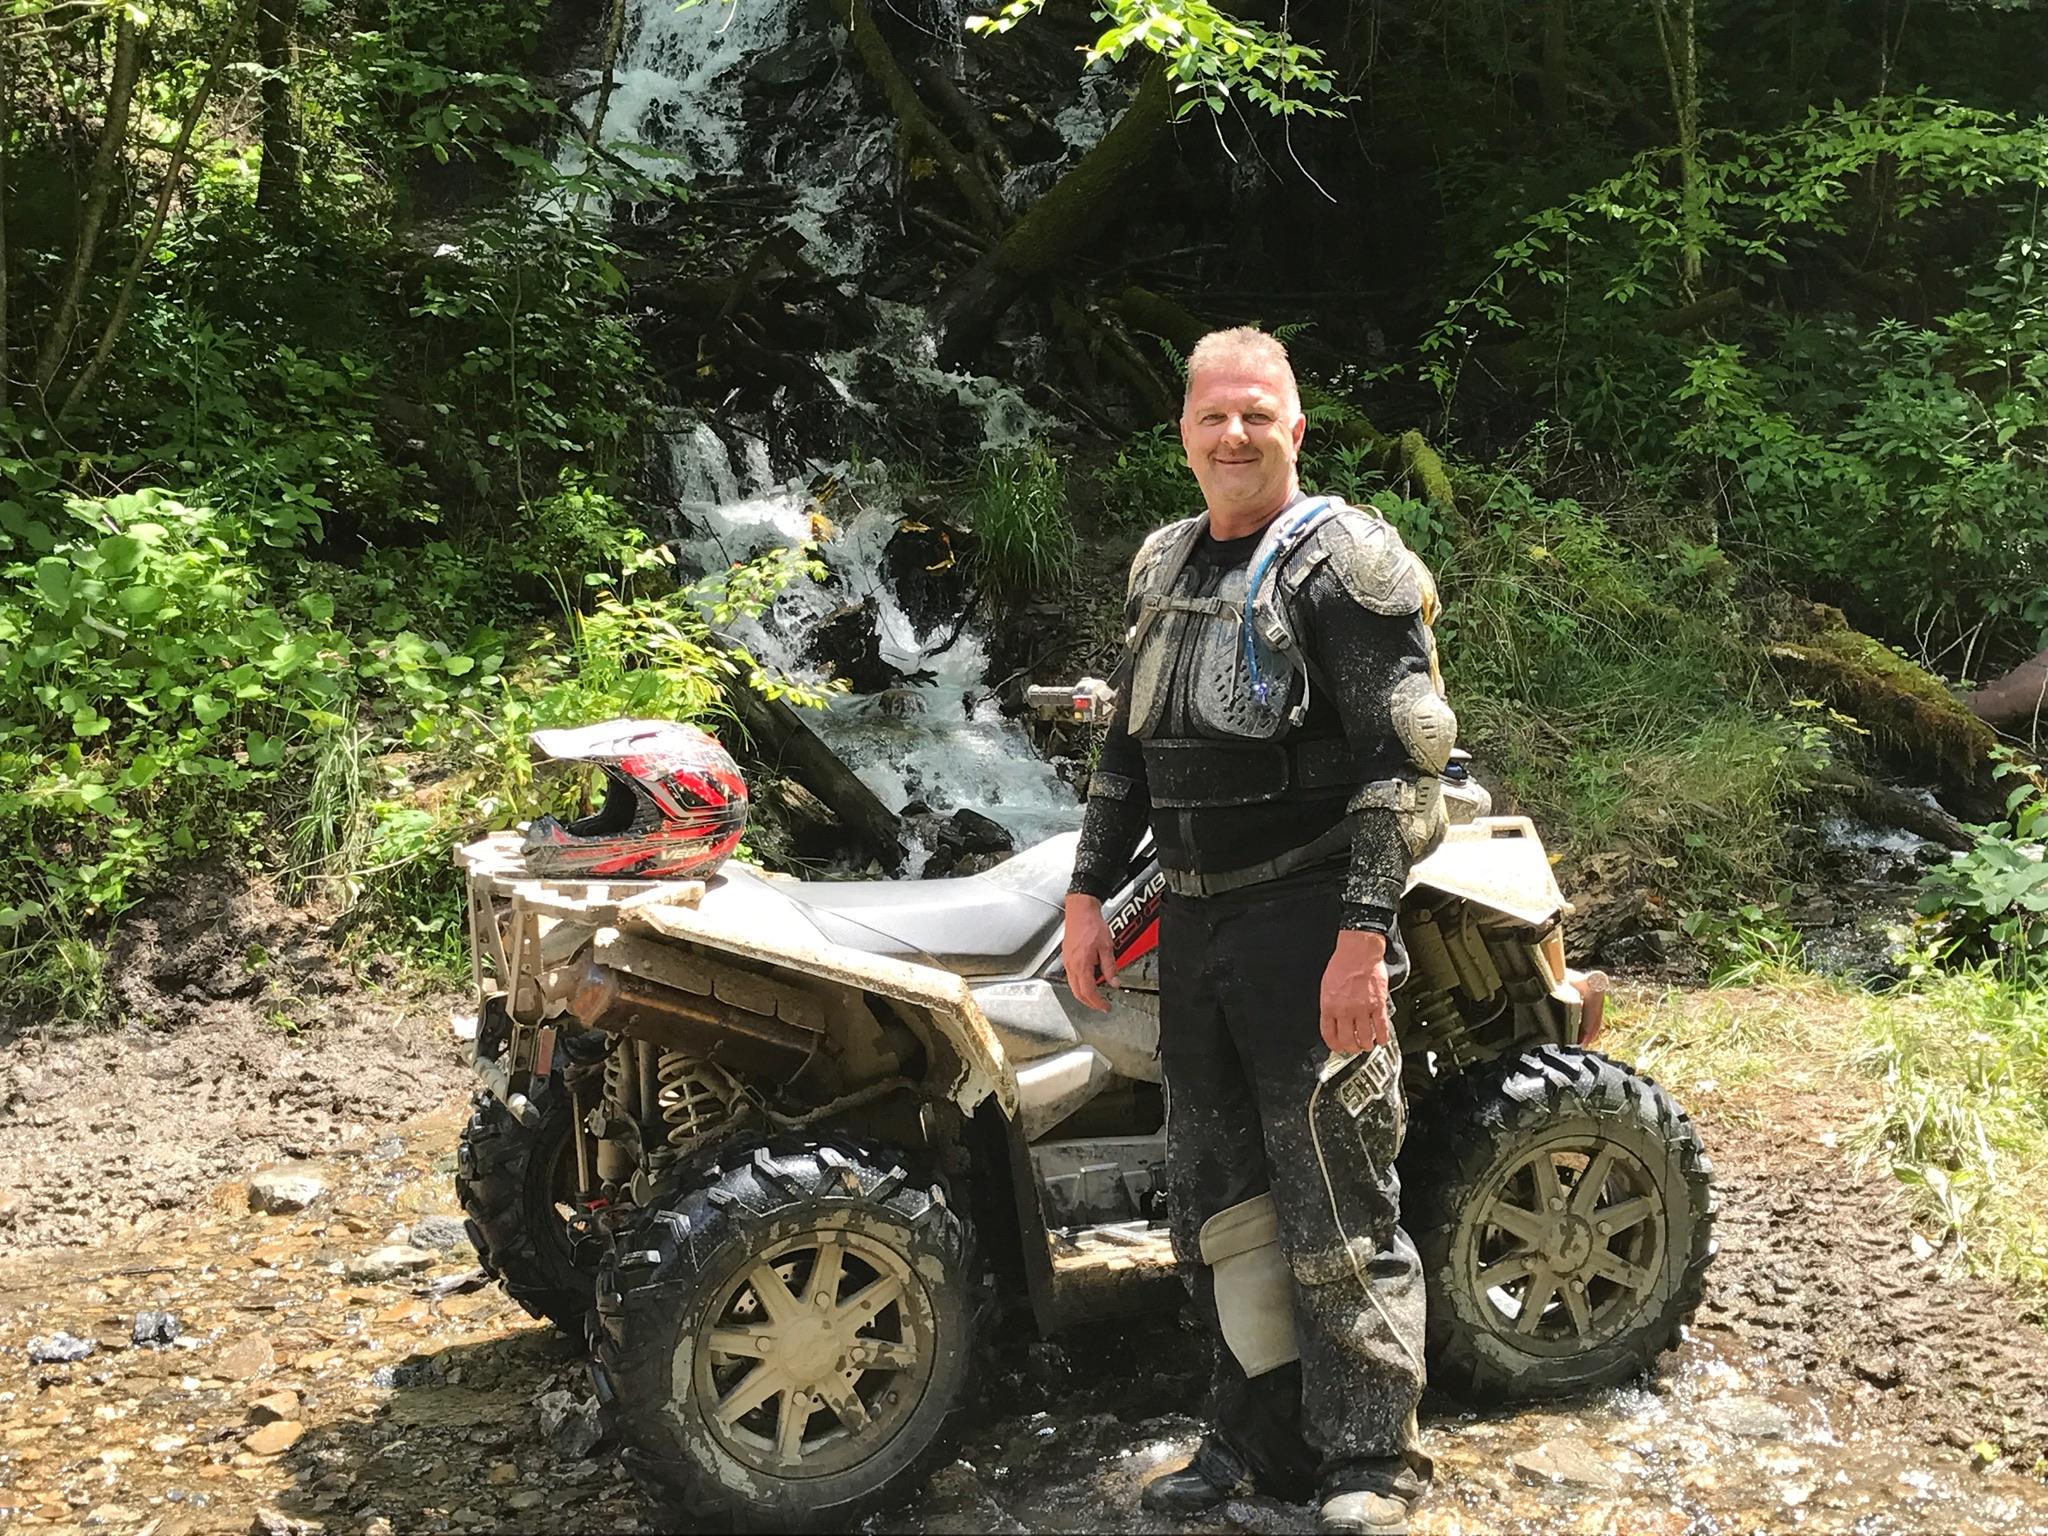 2017 Polaris scrambler 1000 xp - Polaris ATV Forum